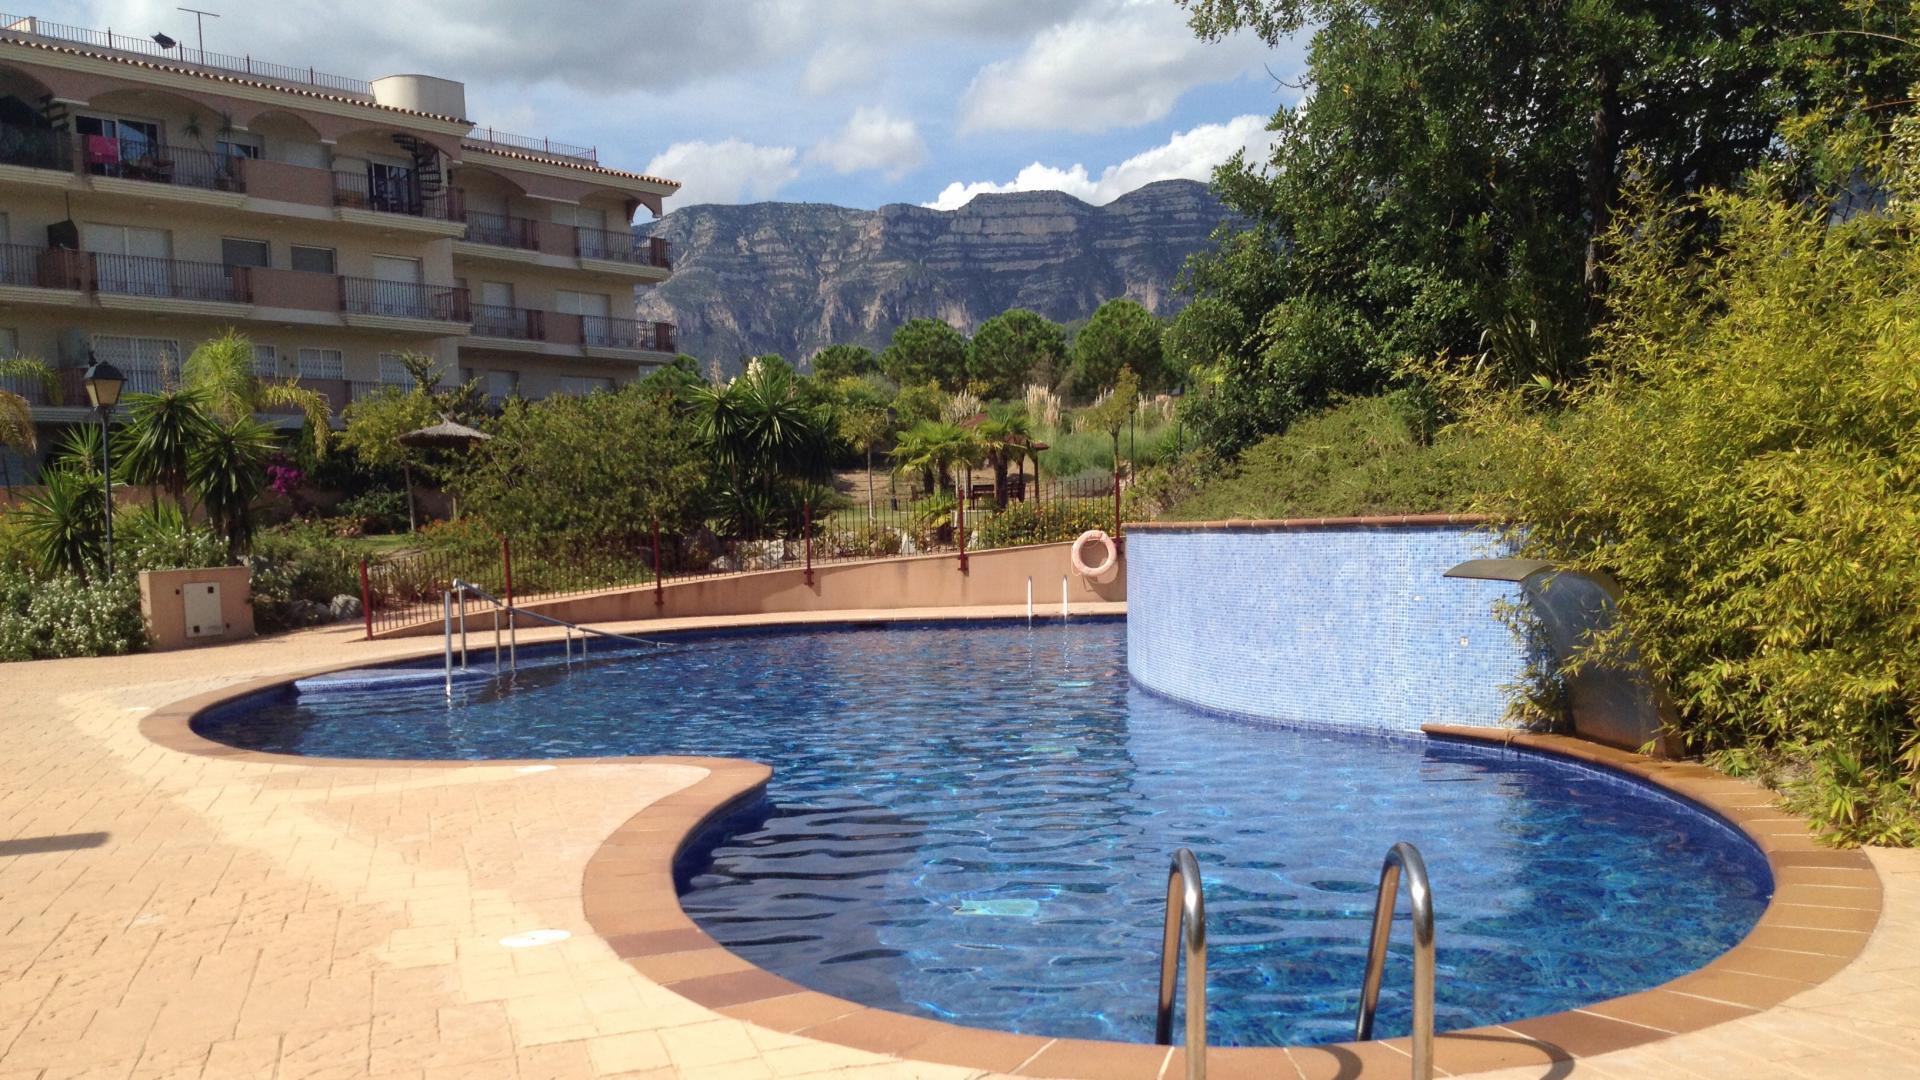 Apartamento -                                       Sant Carles De La Rapita -                                       2 dormitorios -                                       6 ocupantes